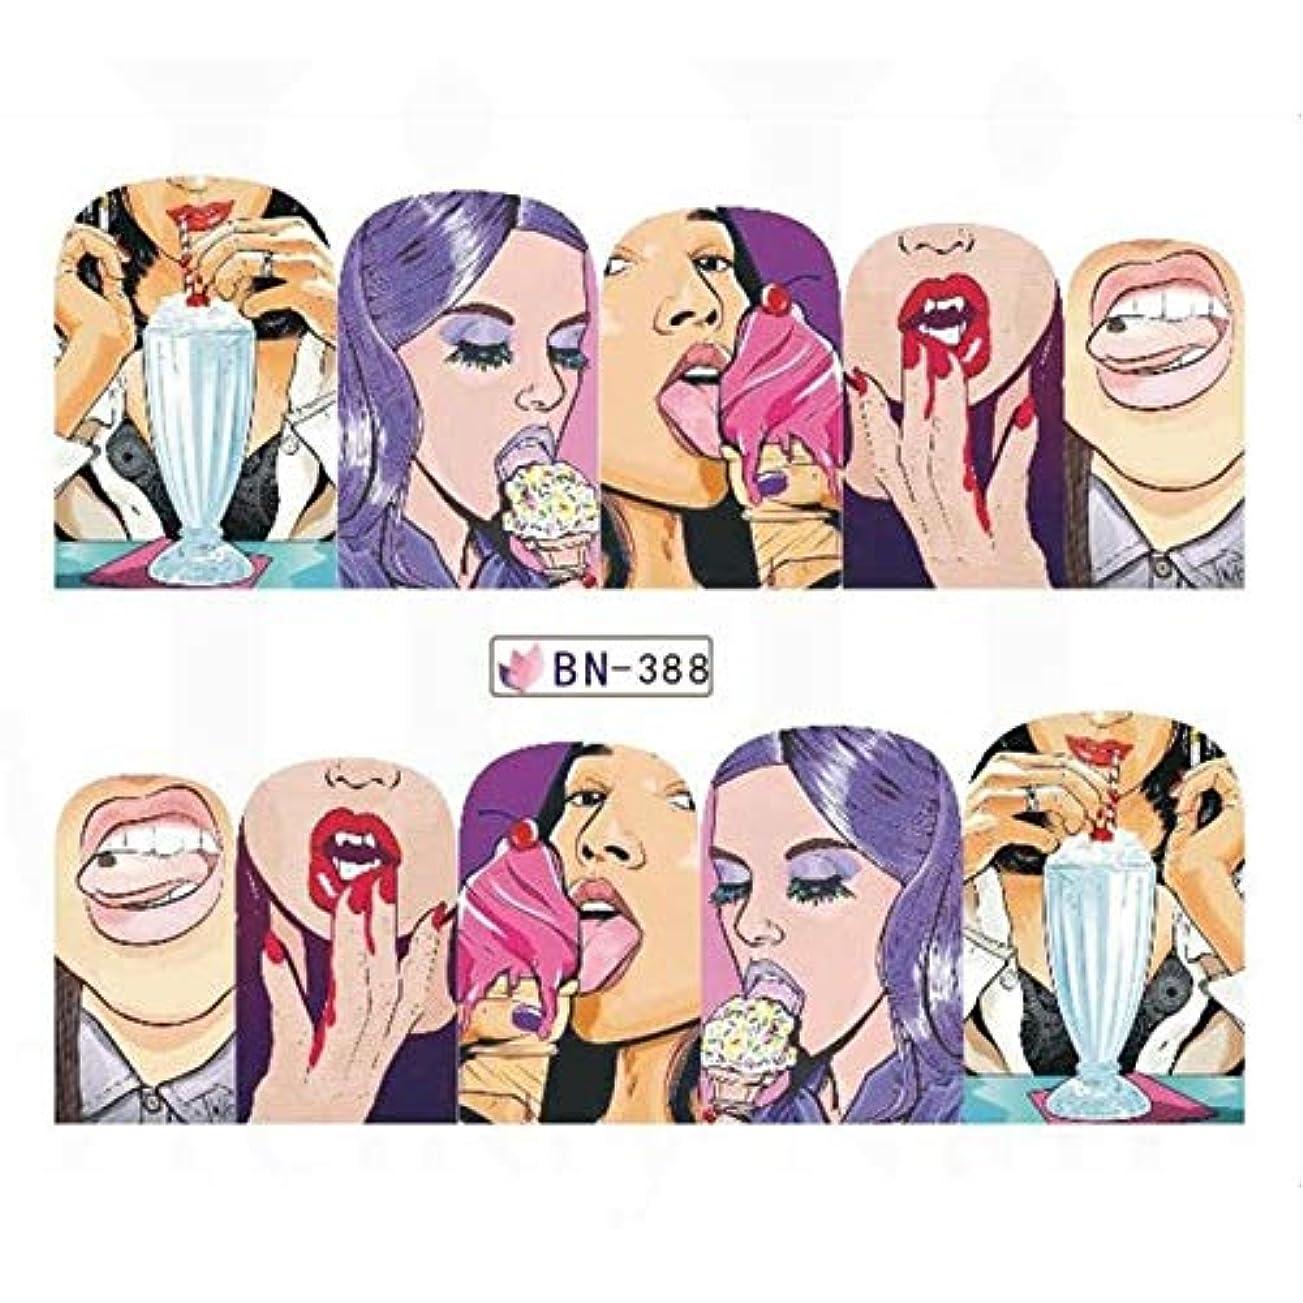 確実燃やす経験者SUKTI&XIAO ネイルステッカー 1シートアートステッカー水転写ネイルアートステッカーセクシーな女性の唇の爪の装飾のヒントネイルケアデカール